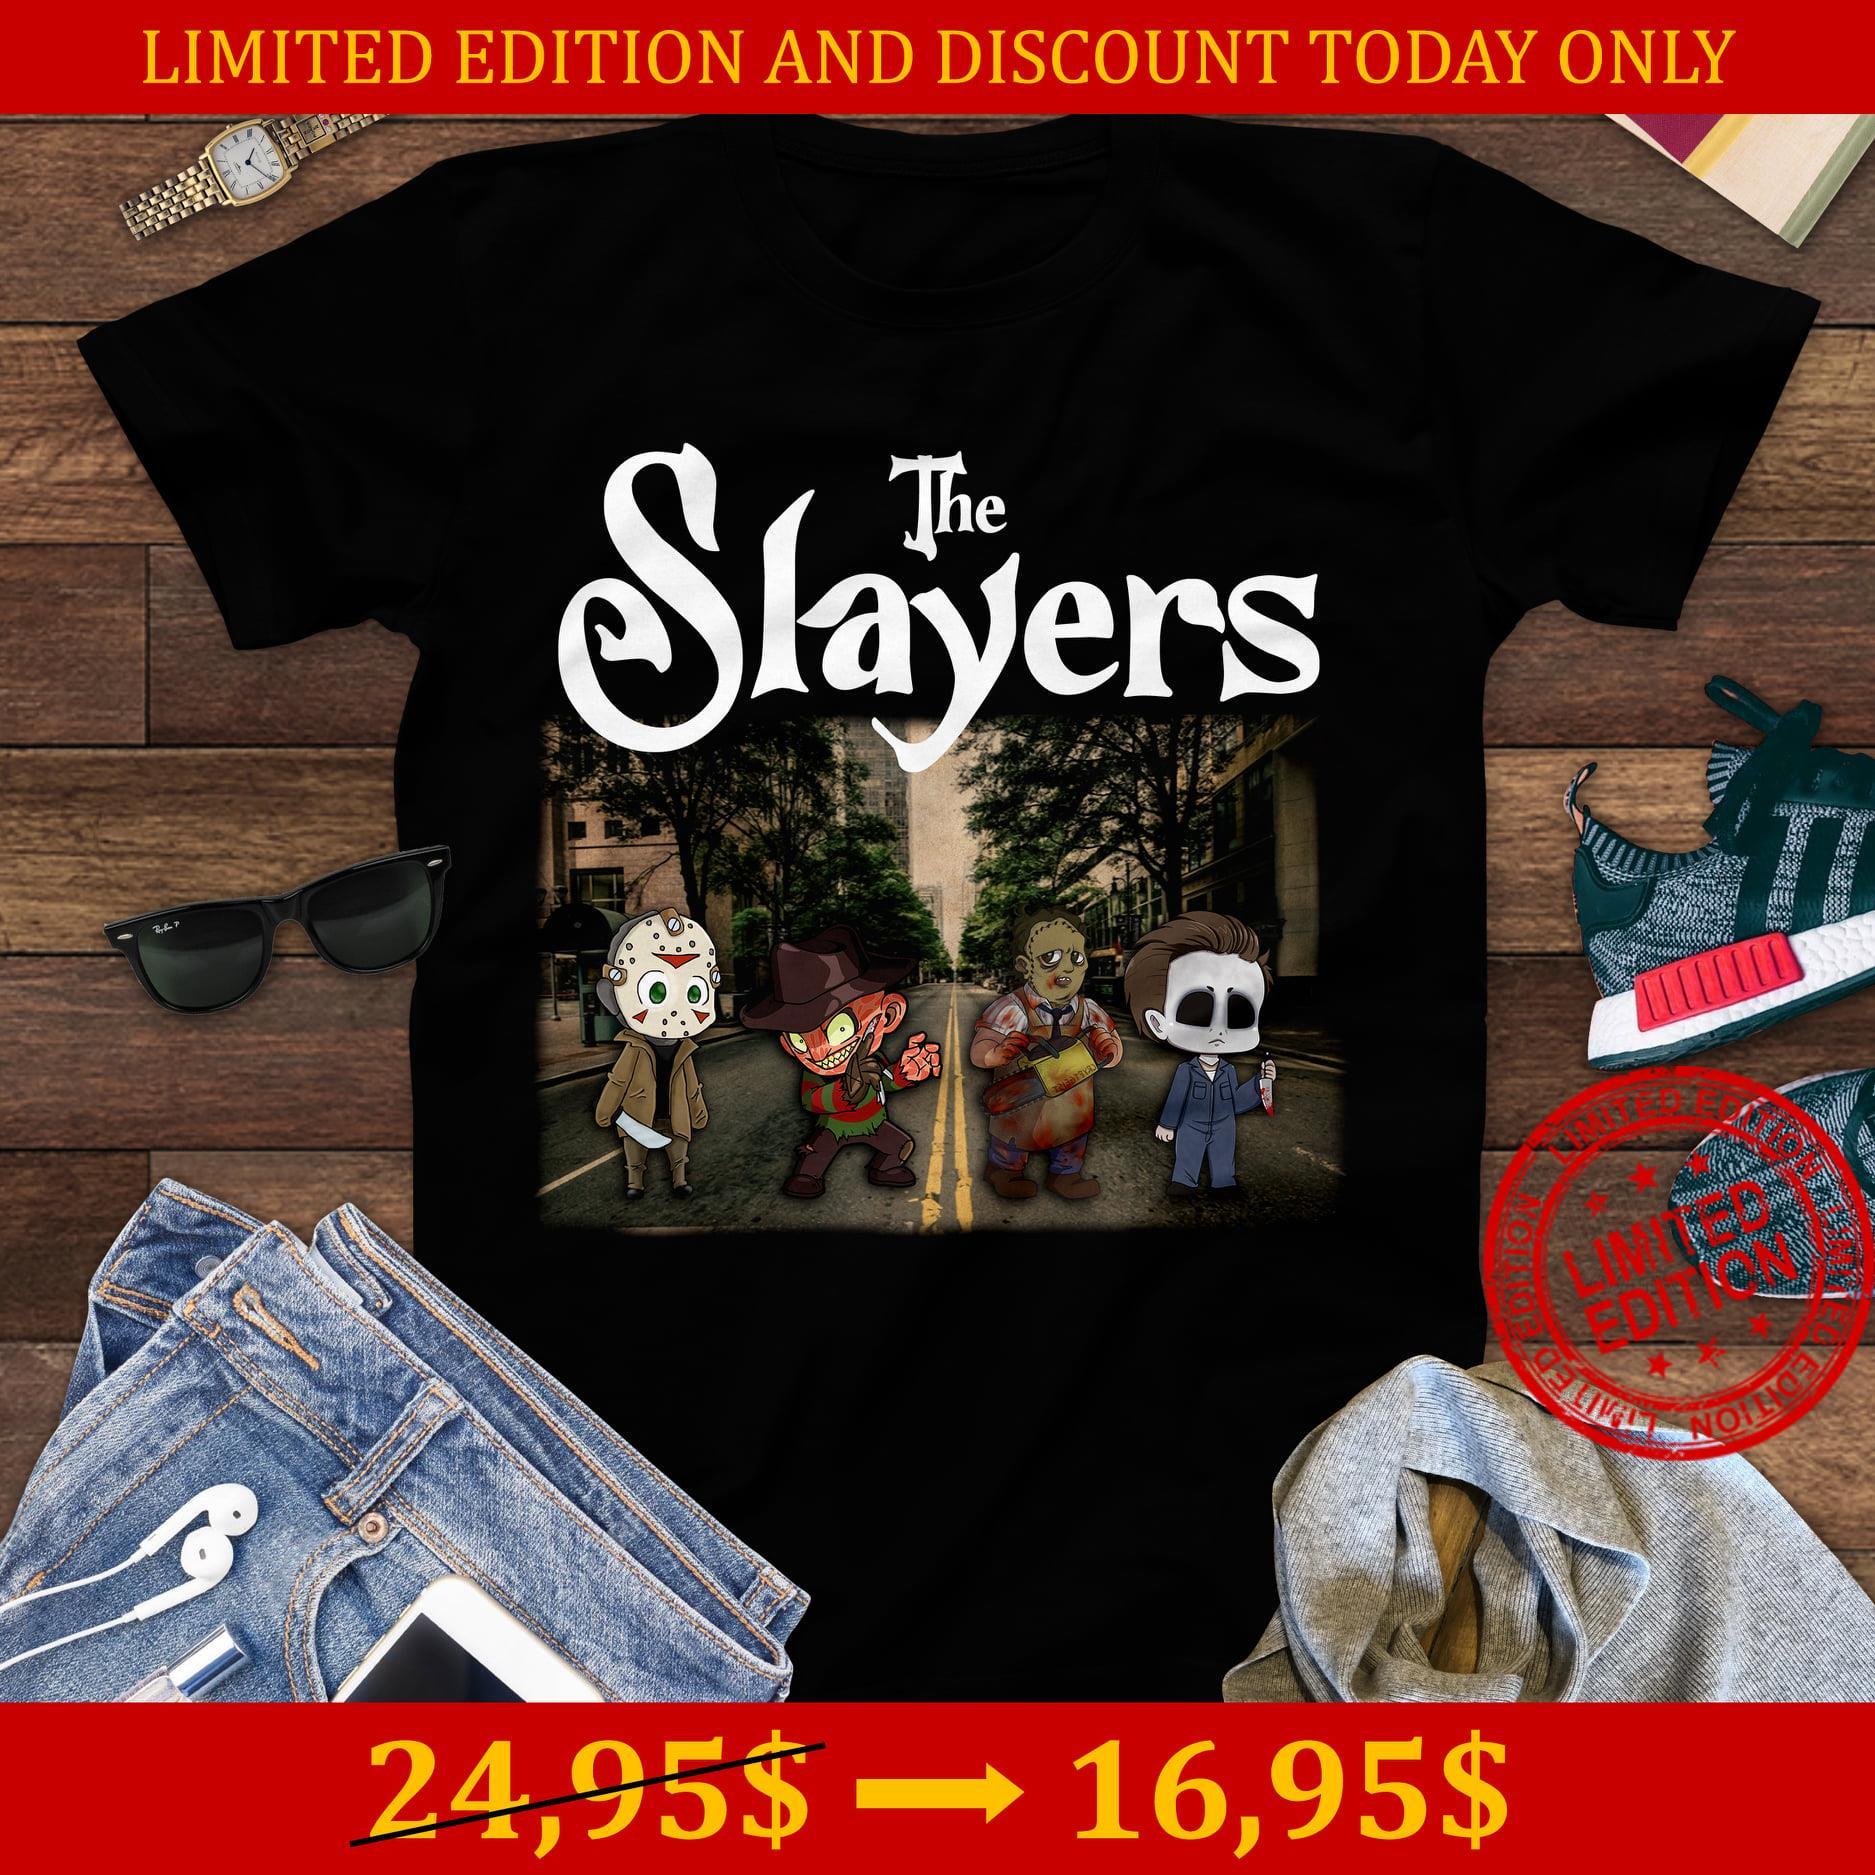 The Slayers Shirt